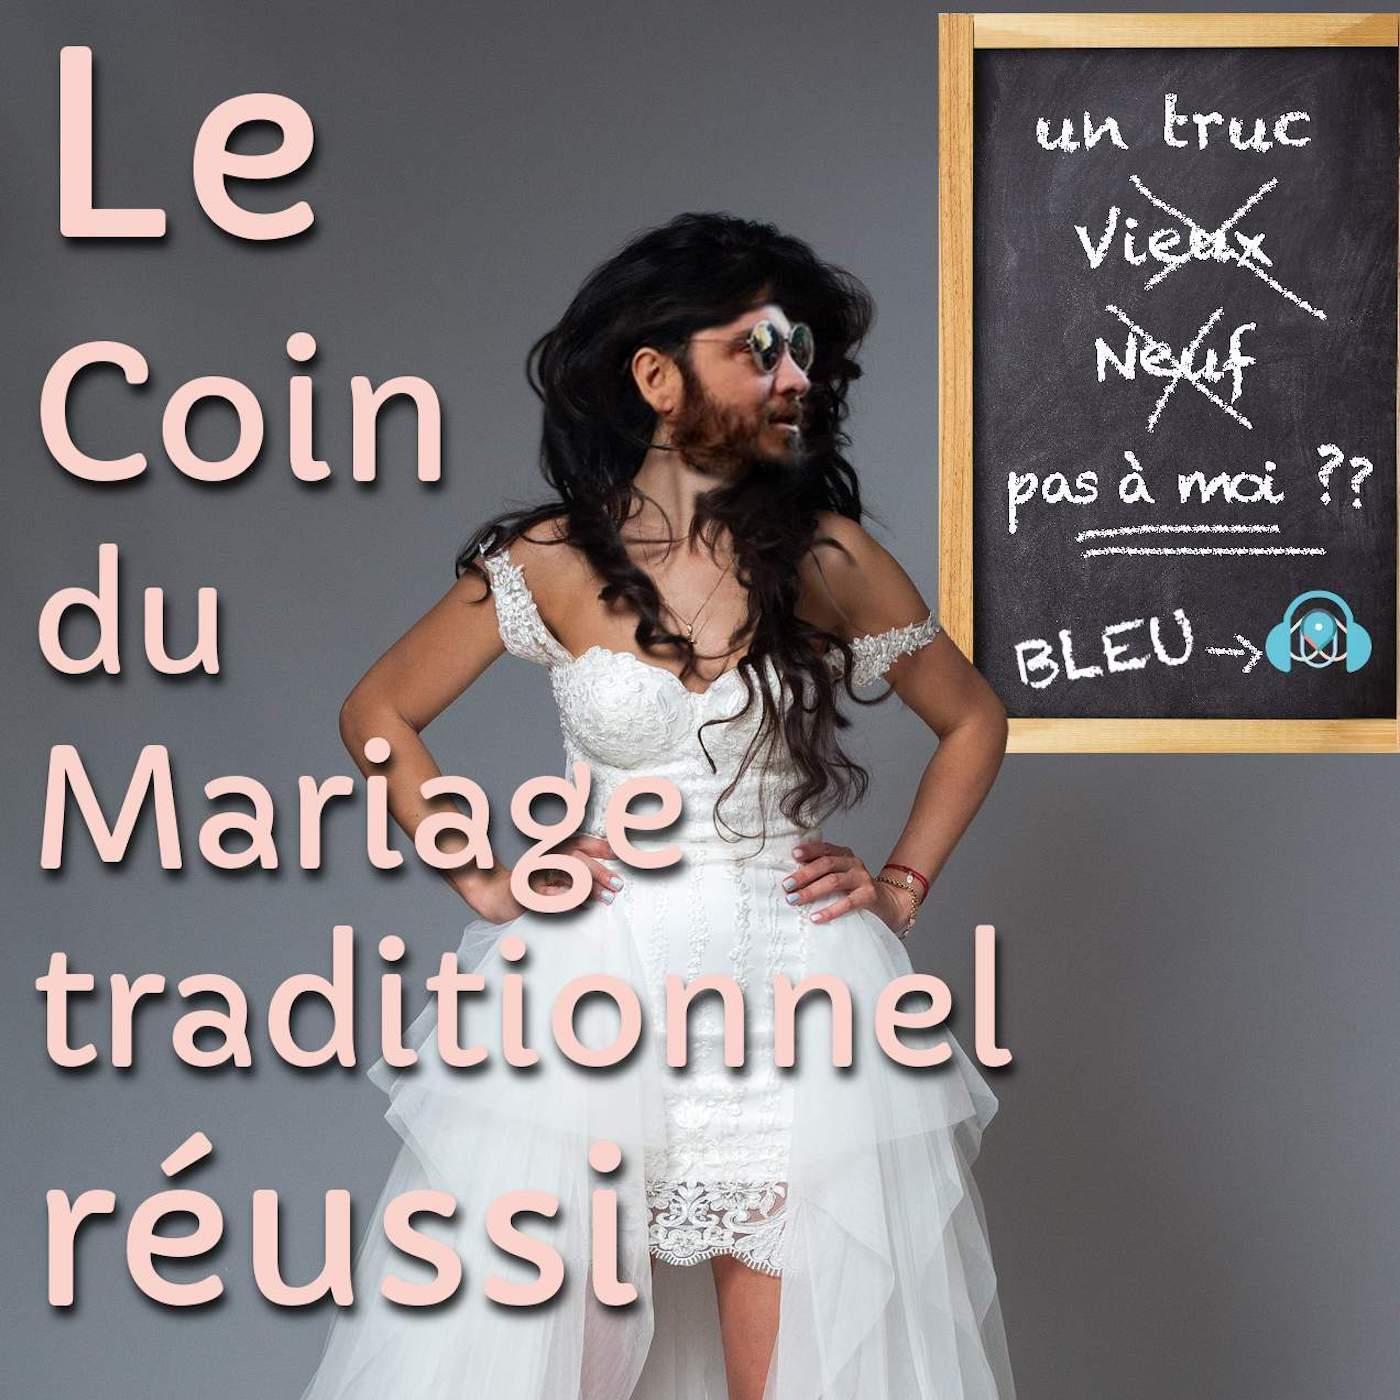 LE COIN DU MARIAGE TRADITIONNEL RÉUSSI S1E22 - Voix féminines